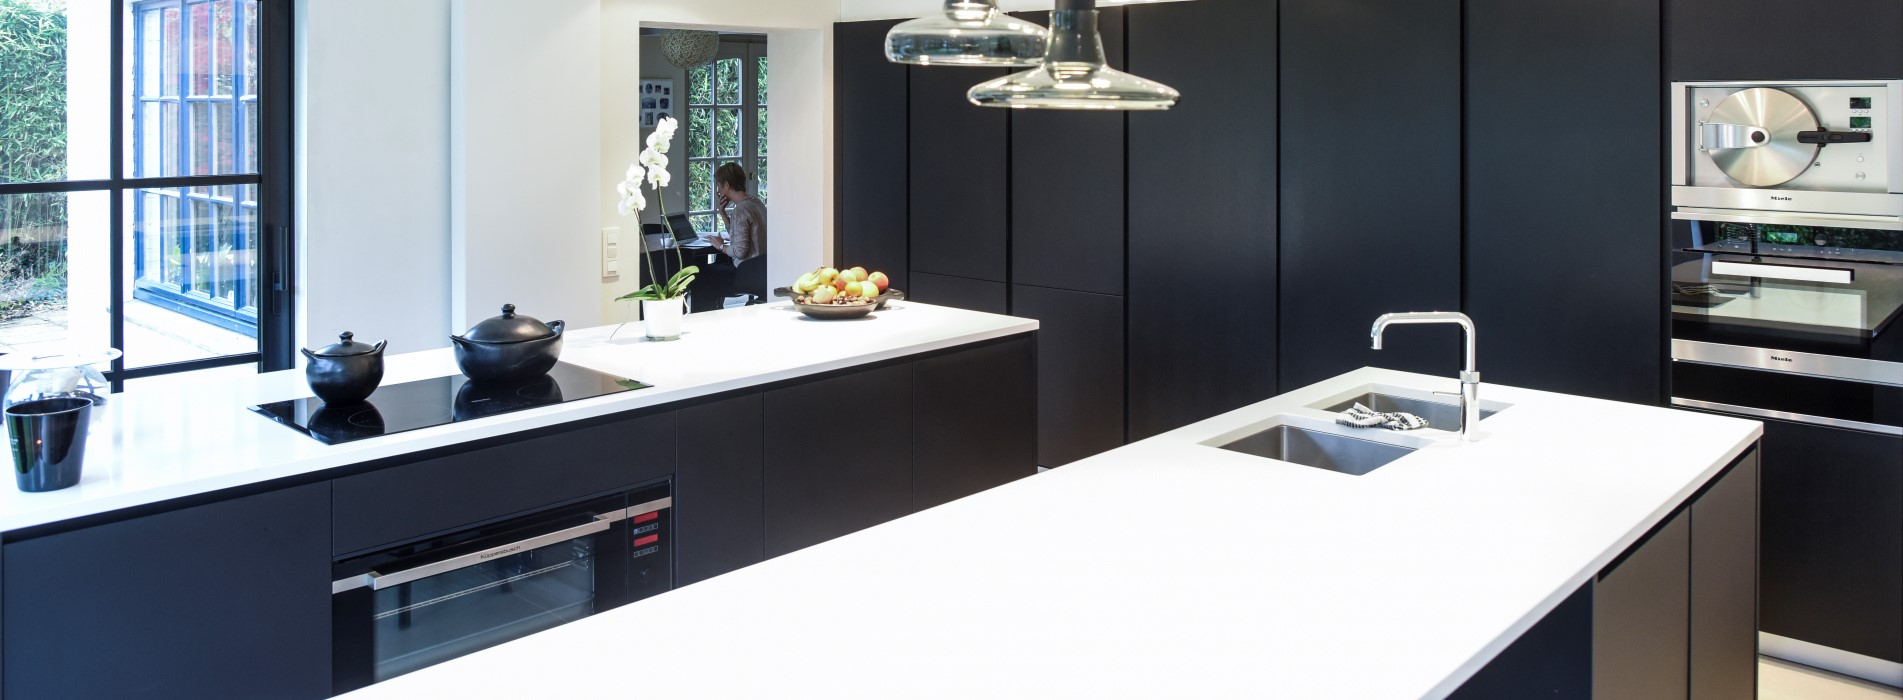 inside-concept-cuisine-architecture-d-interieur-et-decoration-banner-2